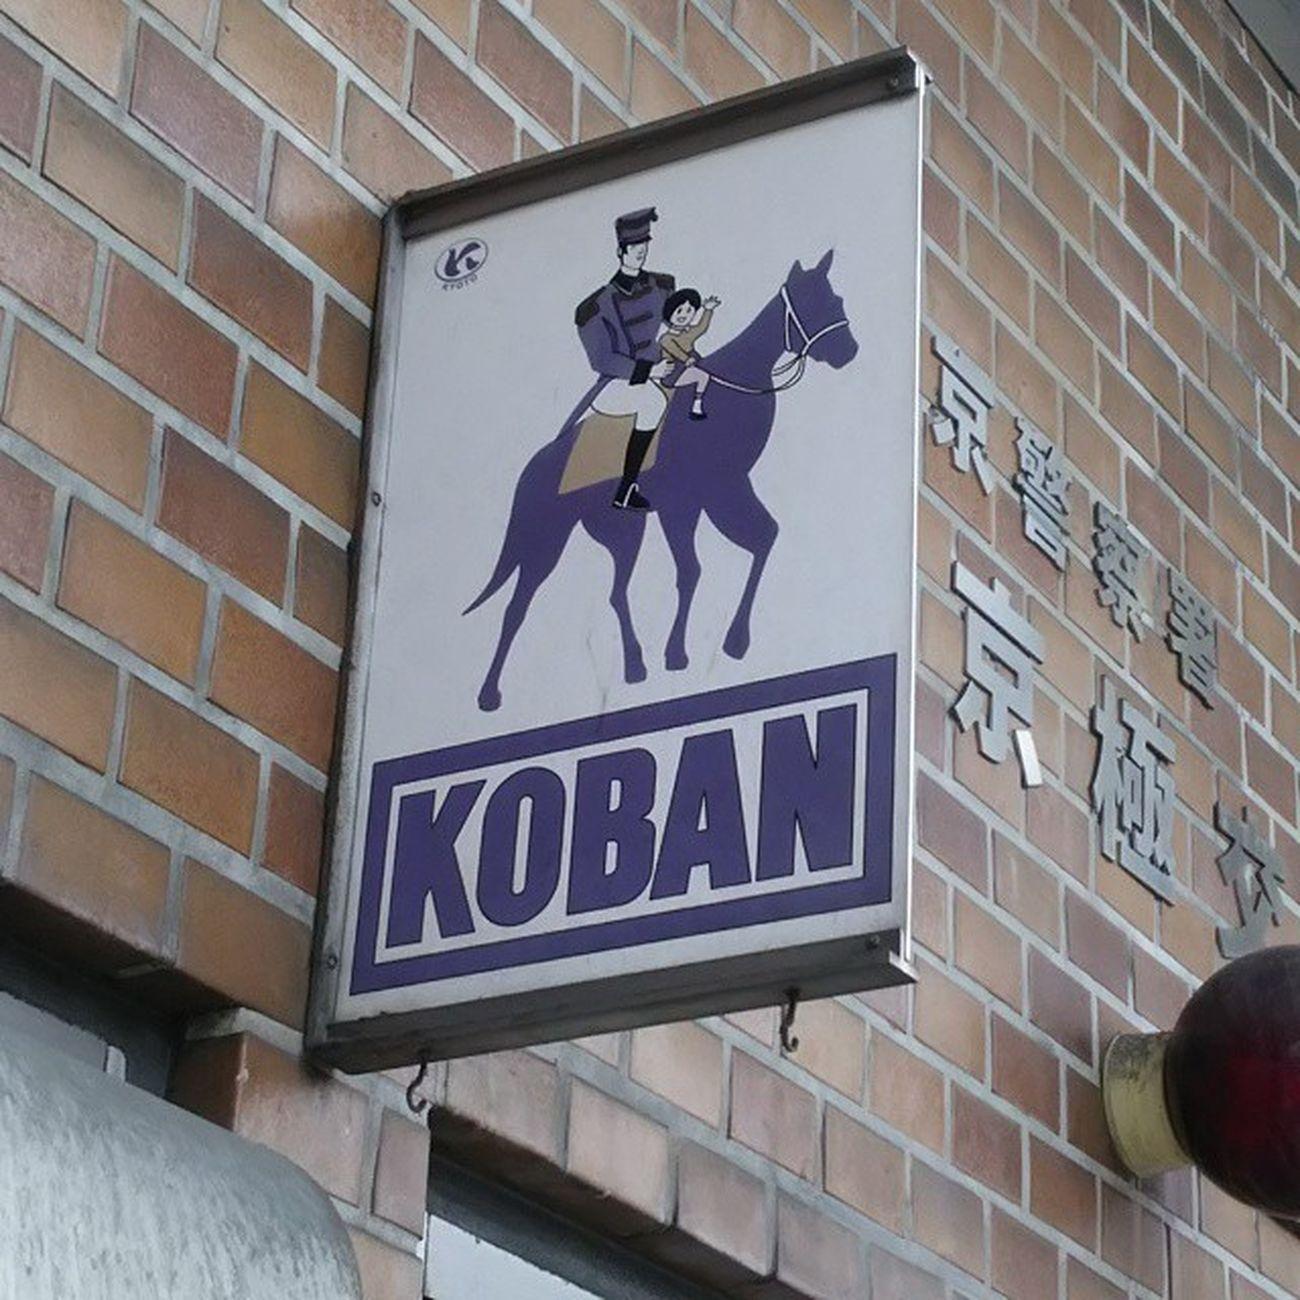 今日は礼服買いに行く→大阪行く→京都行く、という感じでした。 まぁ買い物しに行ったわけですが、結局何も買わず。 …礼服買ったくらいか。 結構歩けたから、良しとしますか。 京都 Kyoto 大阪 OSAKA 礼服 交番  Koban